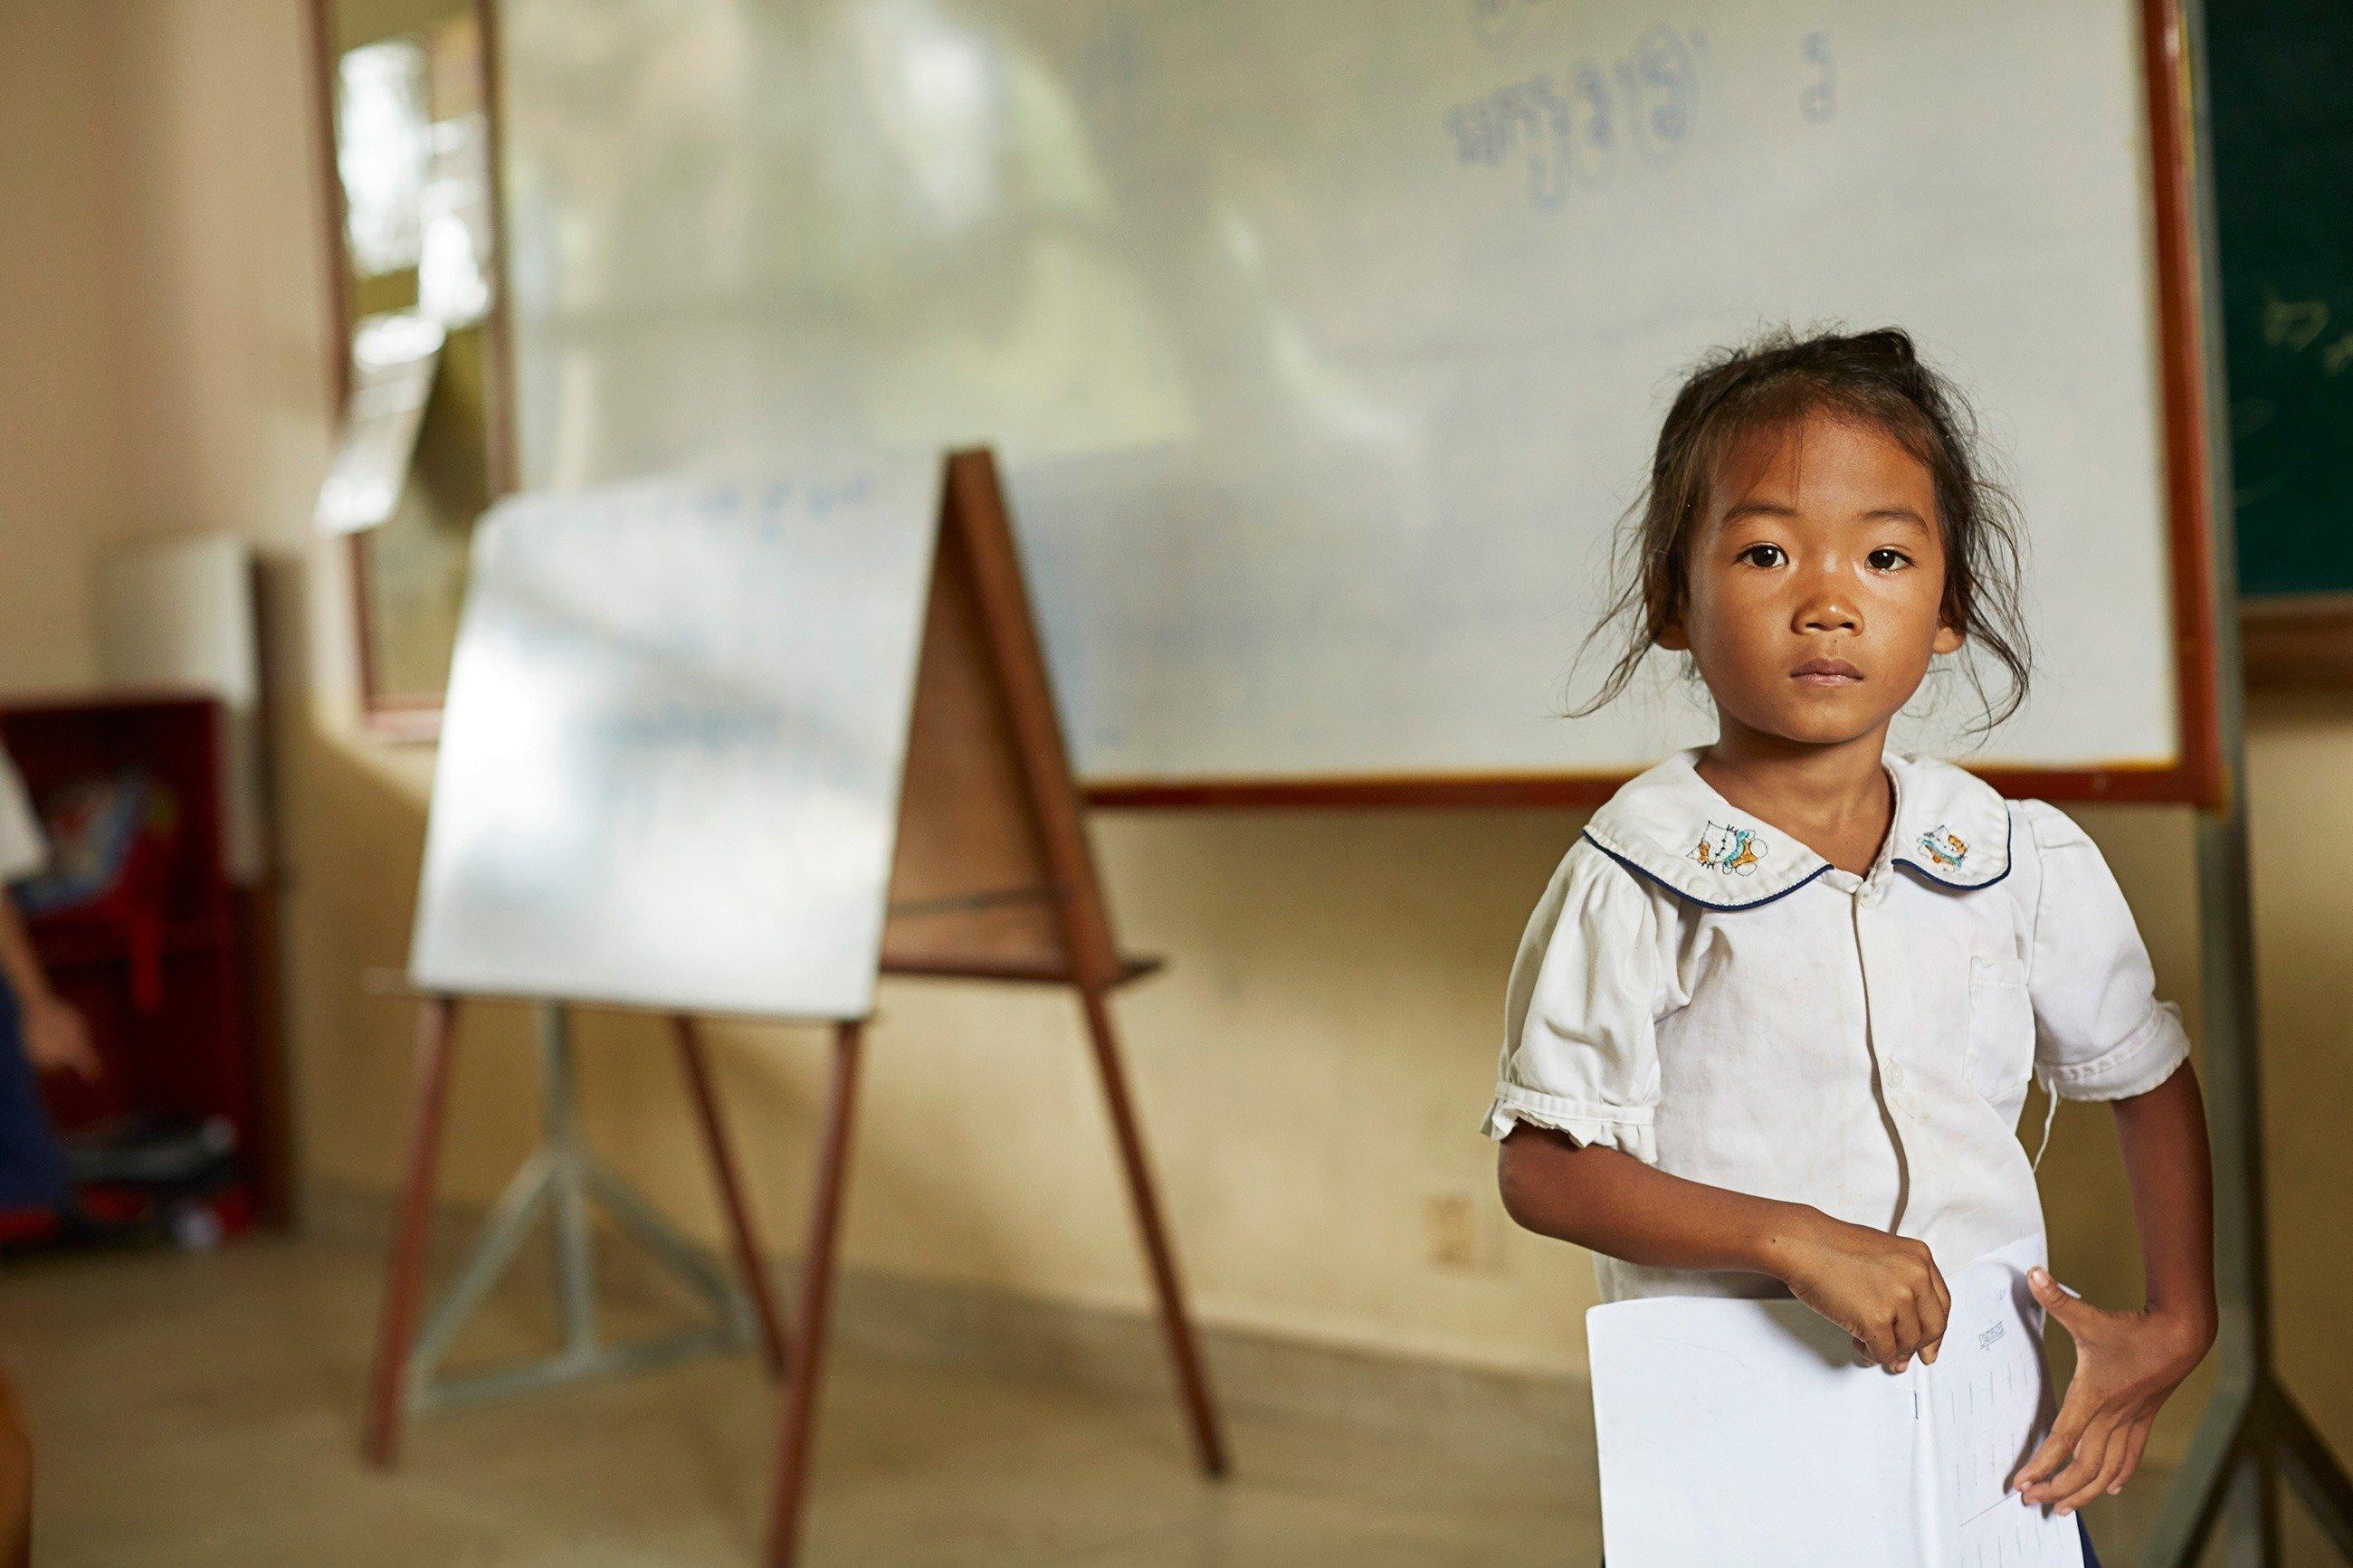 Bambina in piedi davanti a una lavagna bianca.